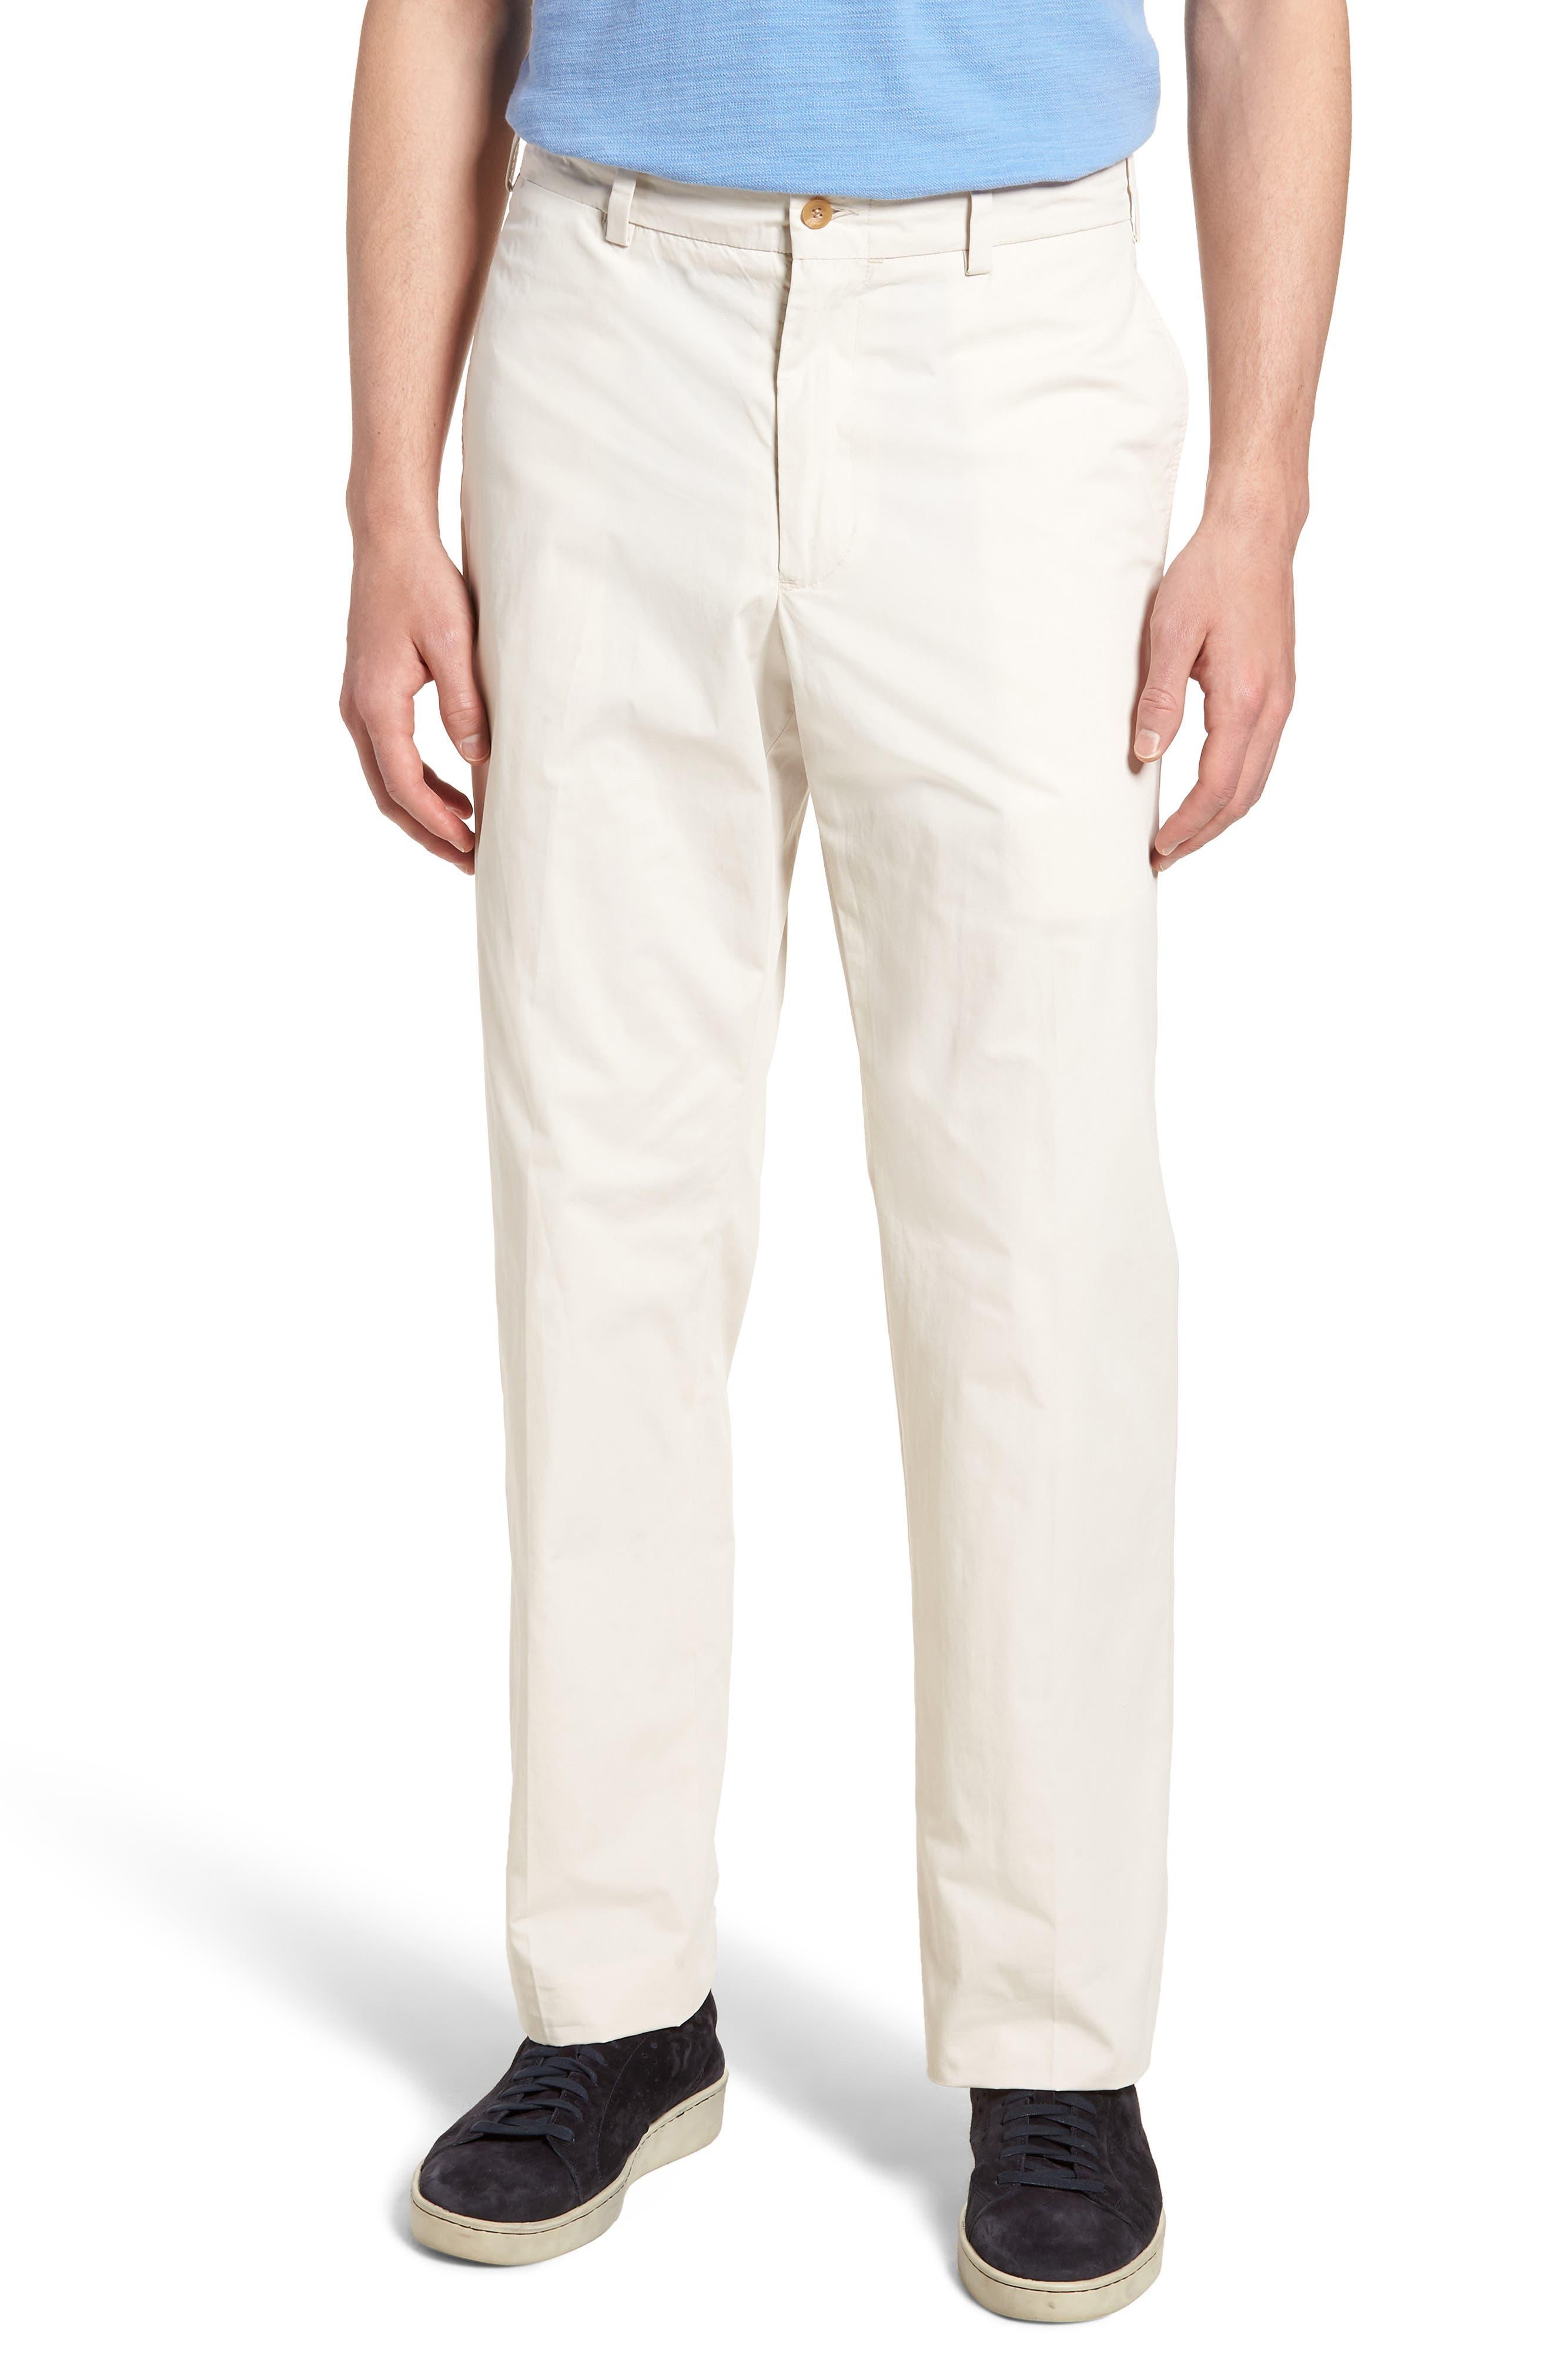 M2 Classic Fit Flat Front Tropical Cotton Poplin Pants,                             Main thumbnail 1, color,                             Sand